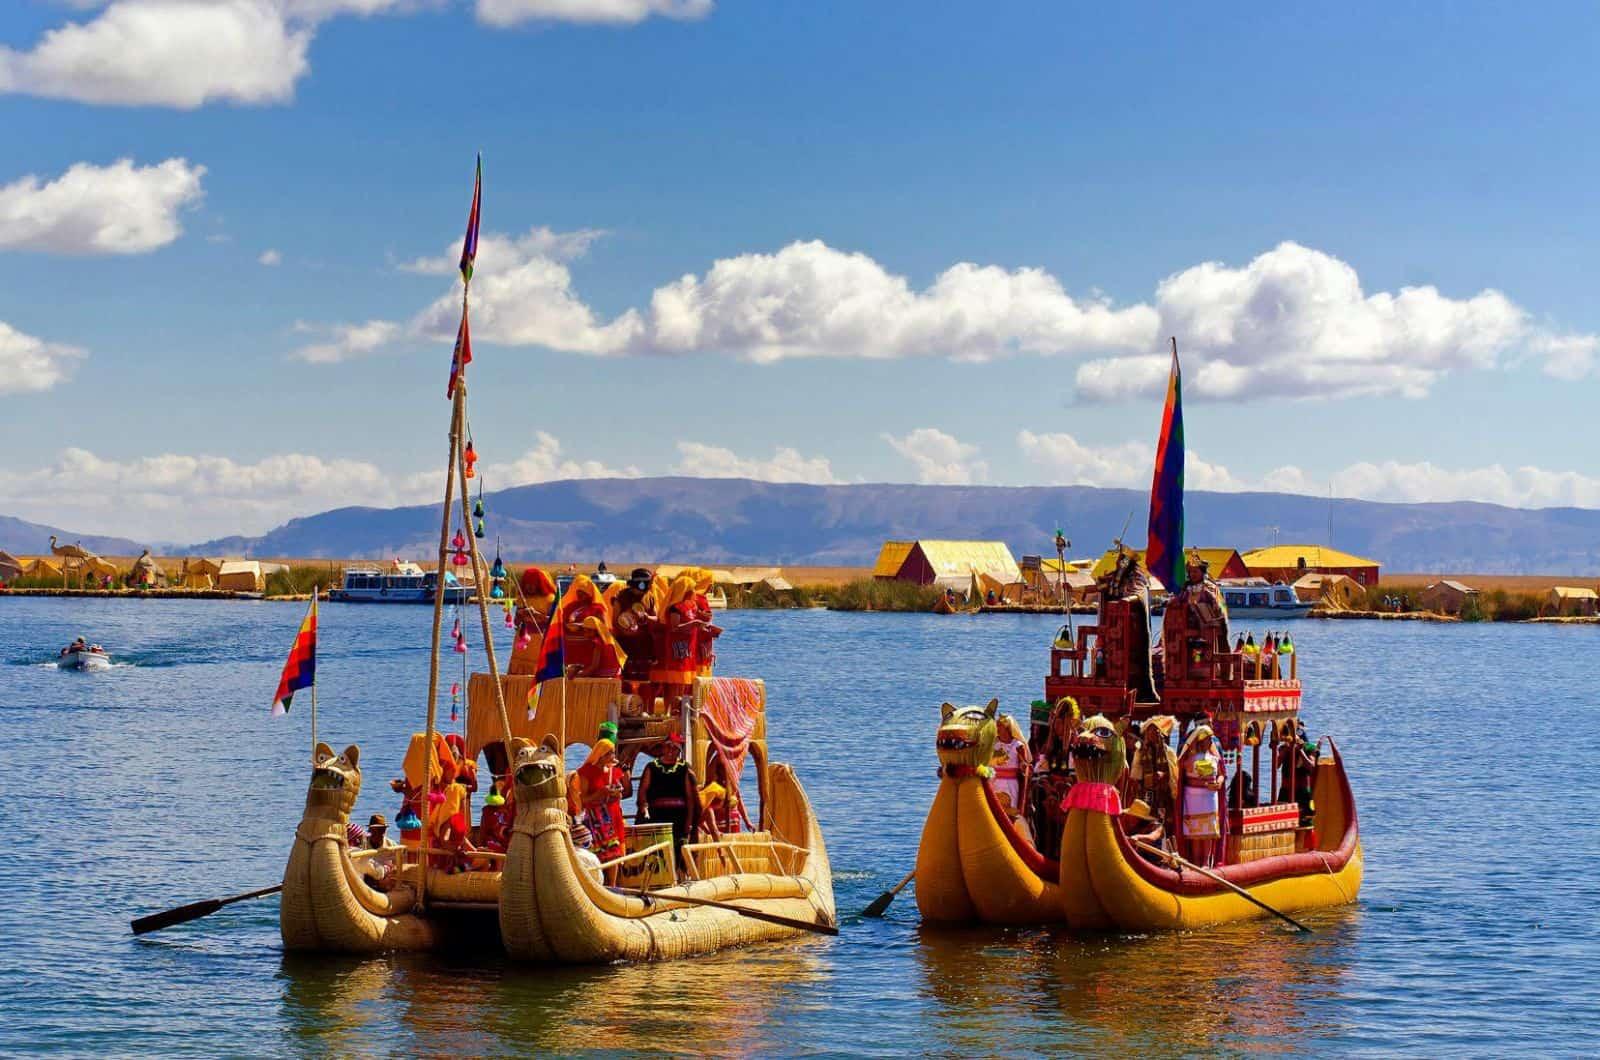 Toerisme in Peru neemt ieder jaar toe.